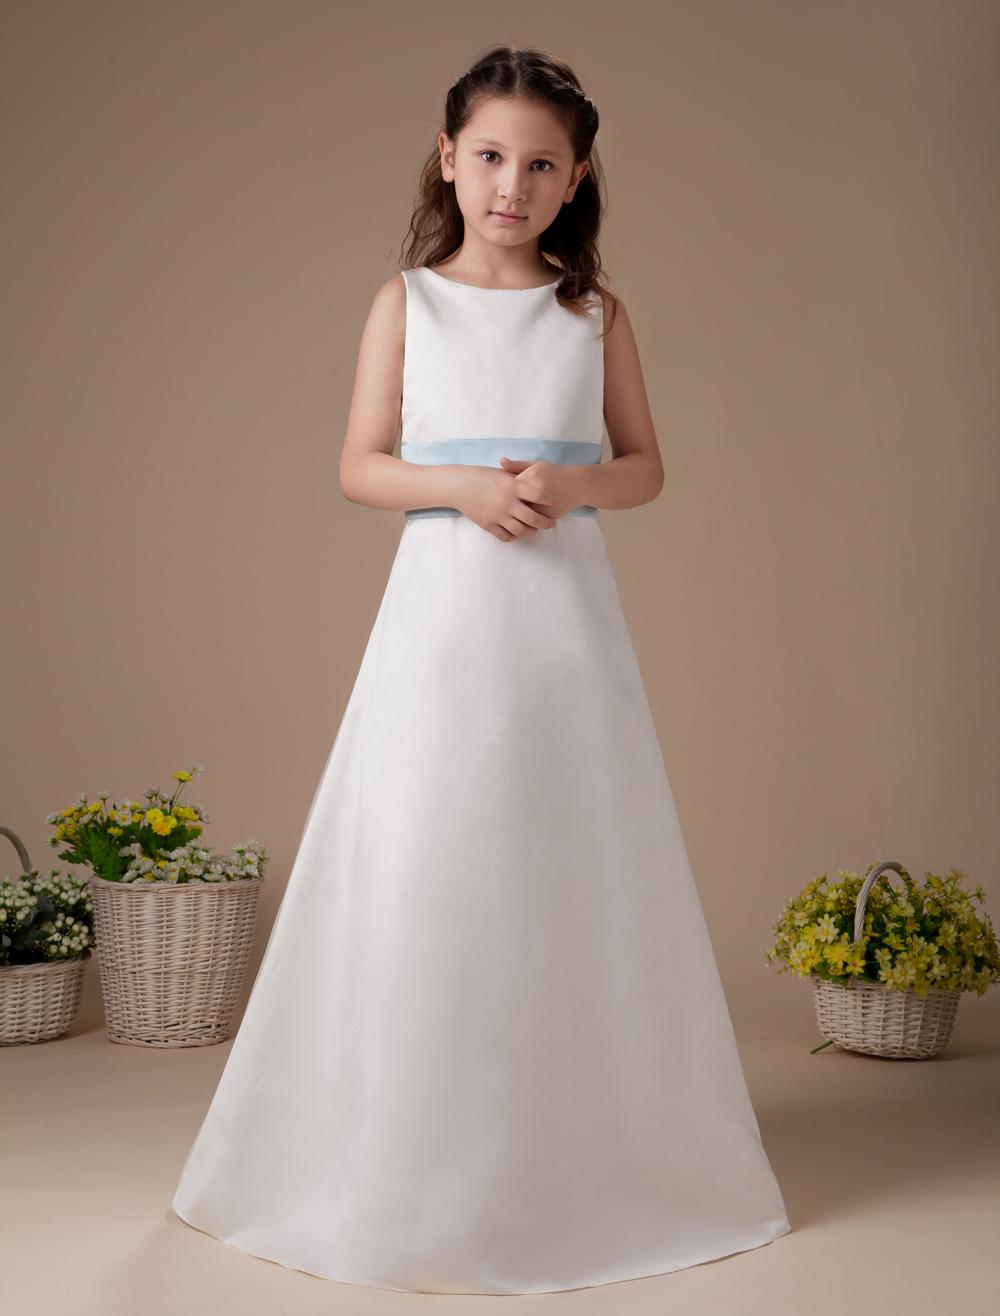 Buy Romantic White Satin Sash Bow Flower Girl Dress for $62.99 in Milanoo store